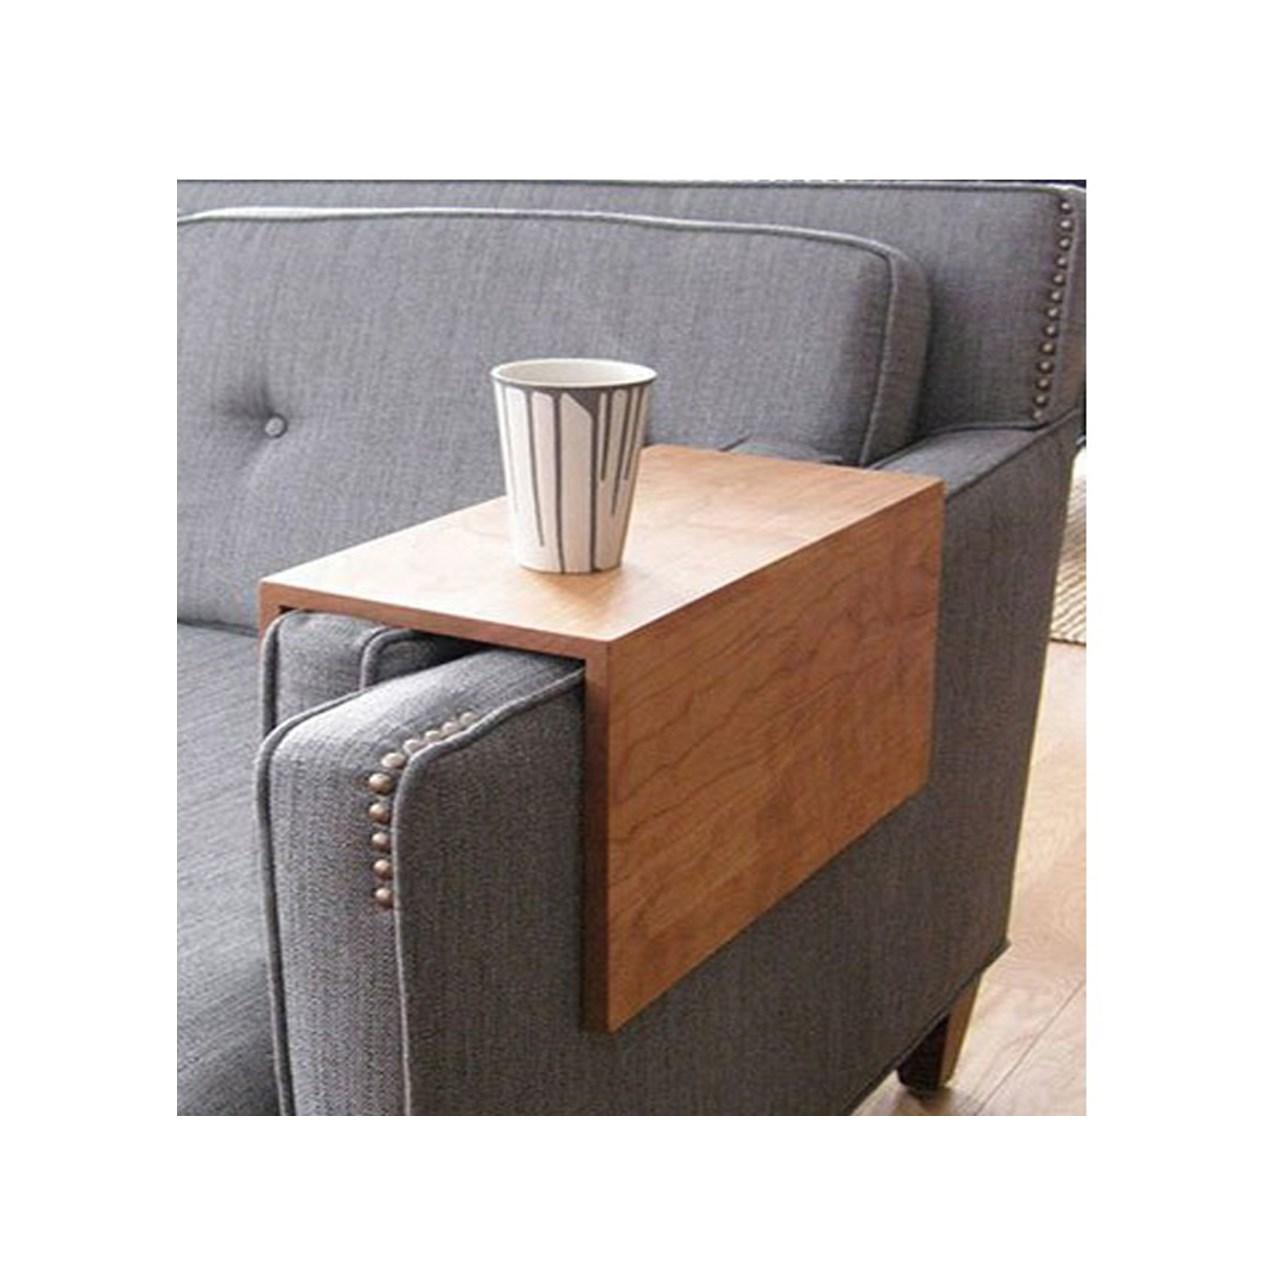 میز کنار مبلی مدل رو دسته سایز 15